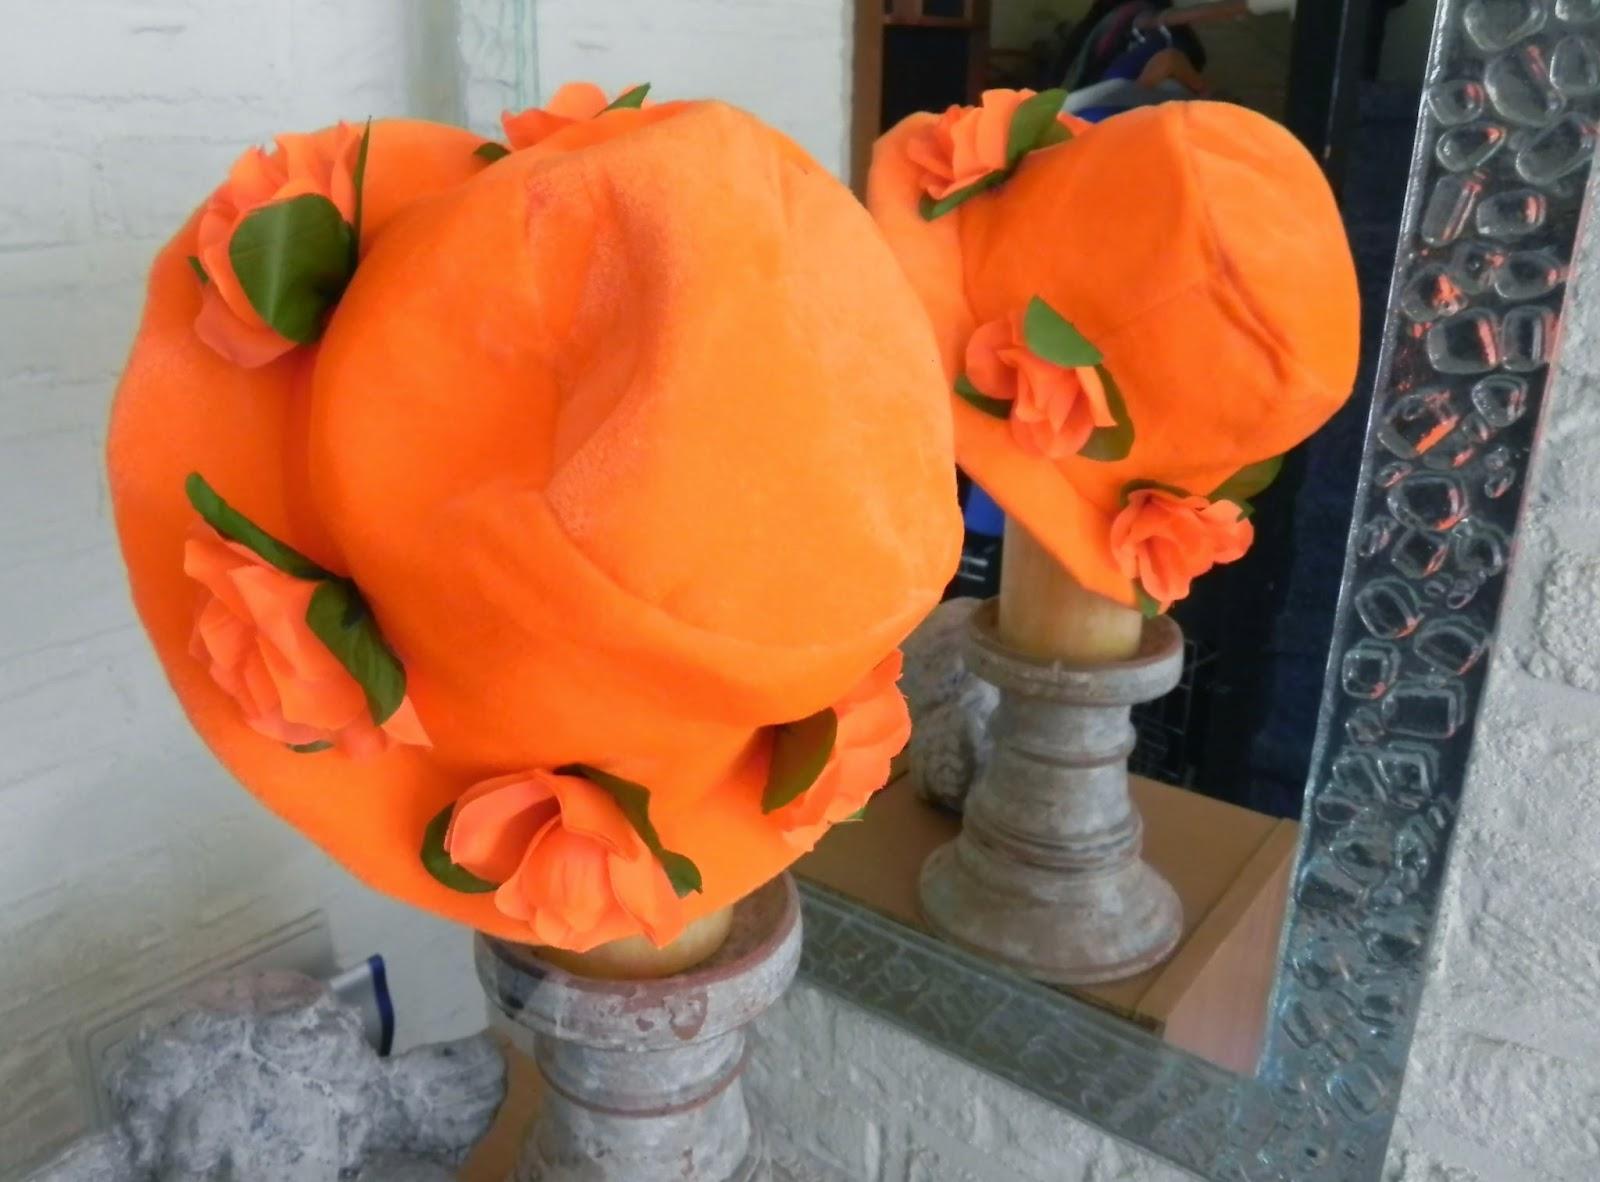 Connysquilts: koningsdag en de kleur oranje